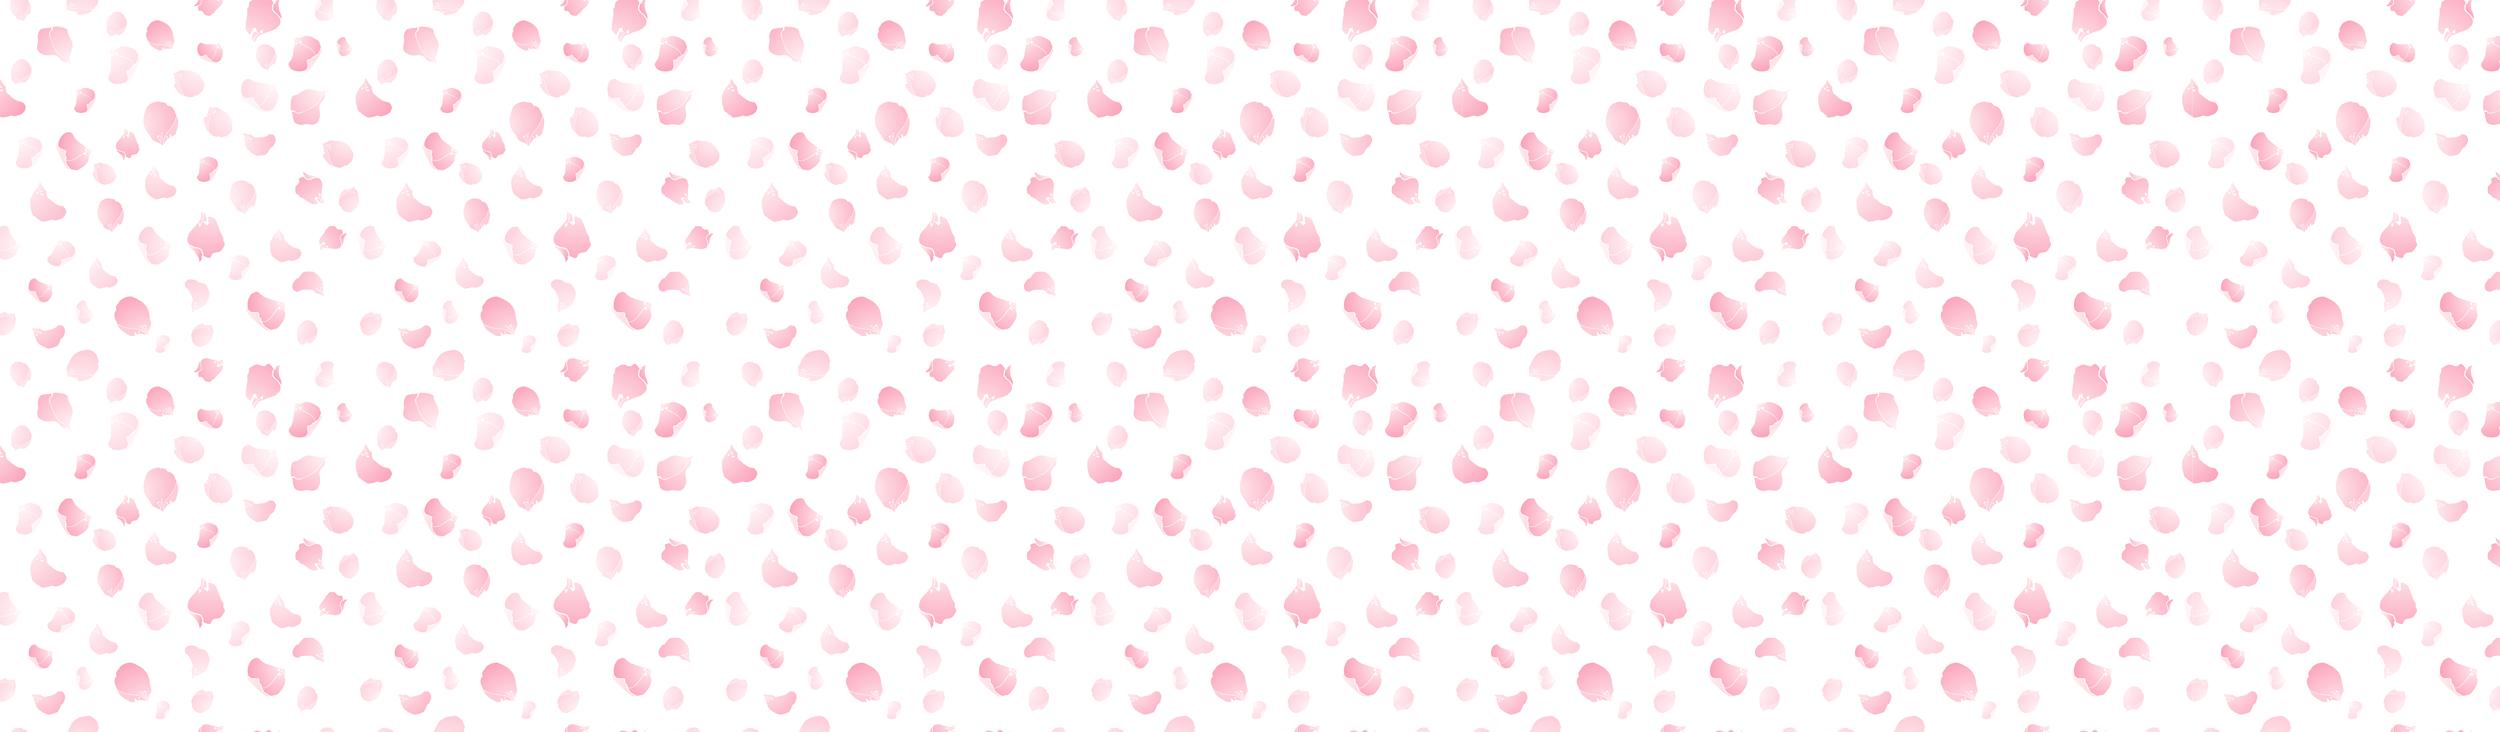 Homepage-Petals-Thin